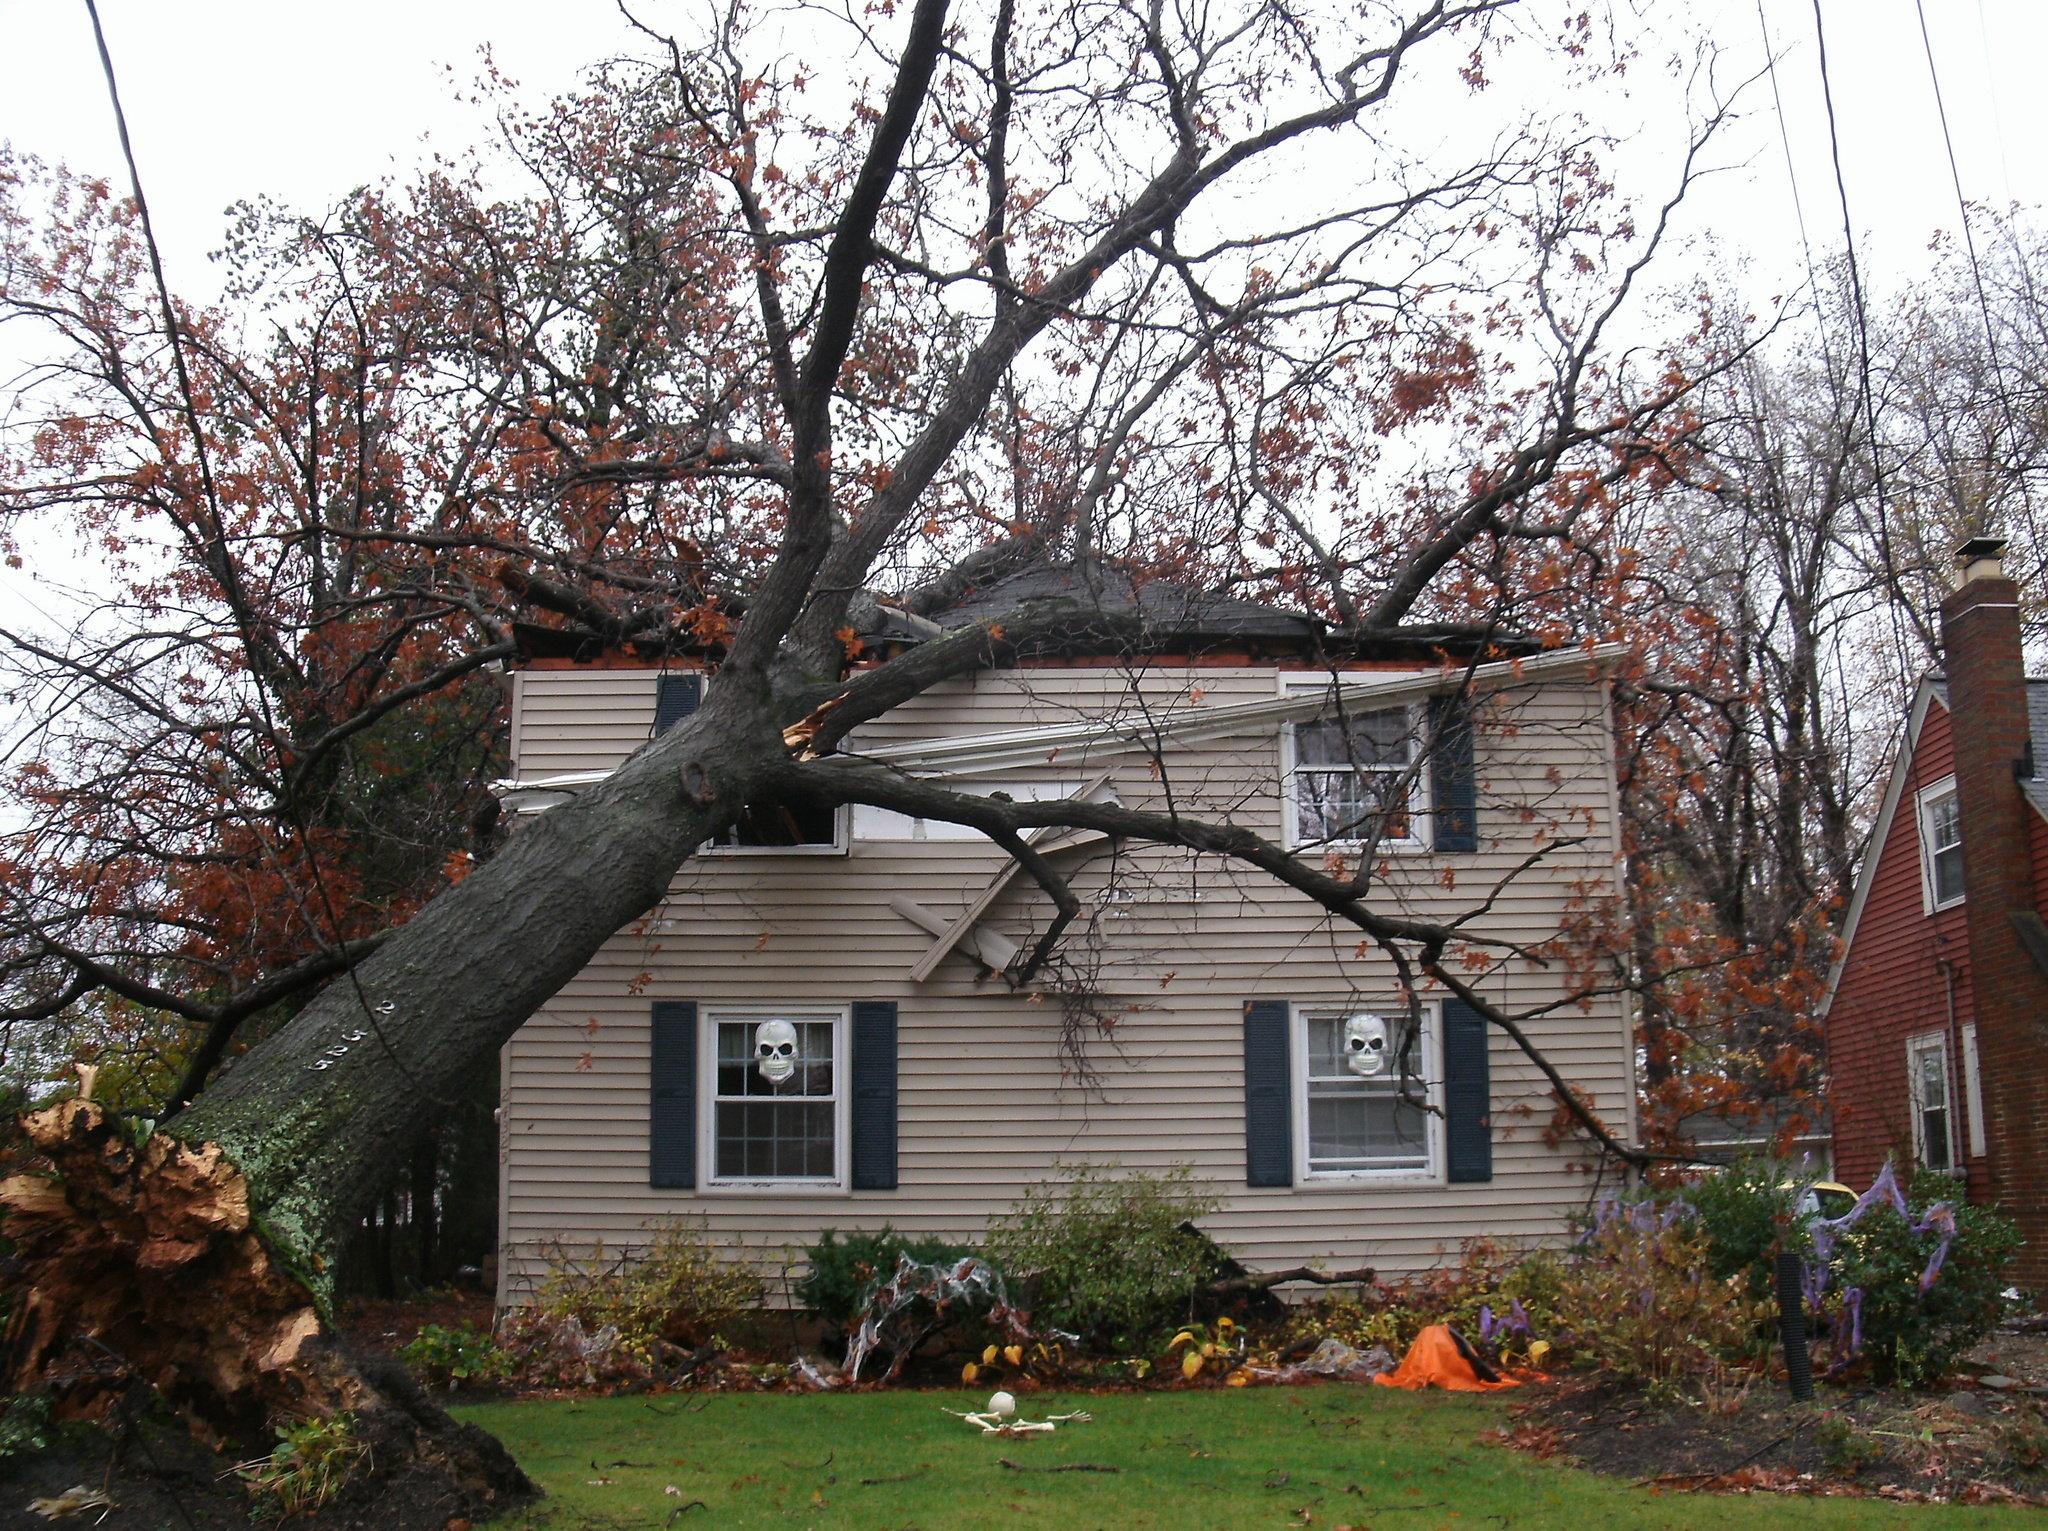 Storm damaged house photo